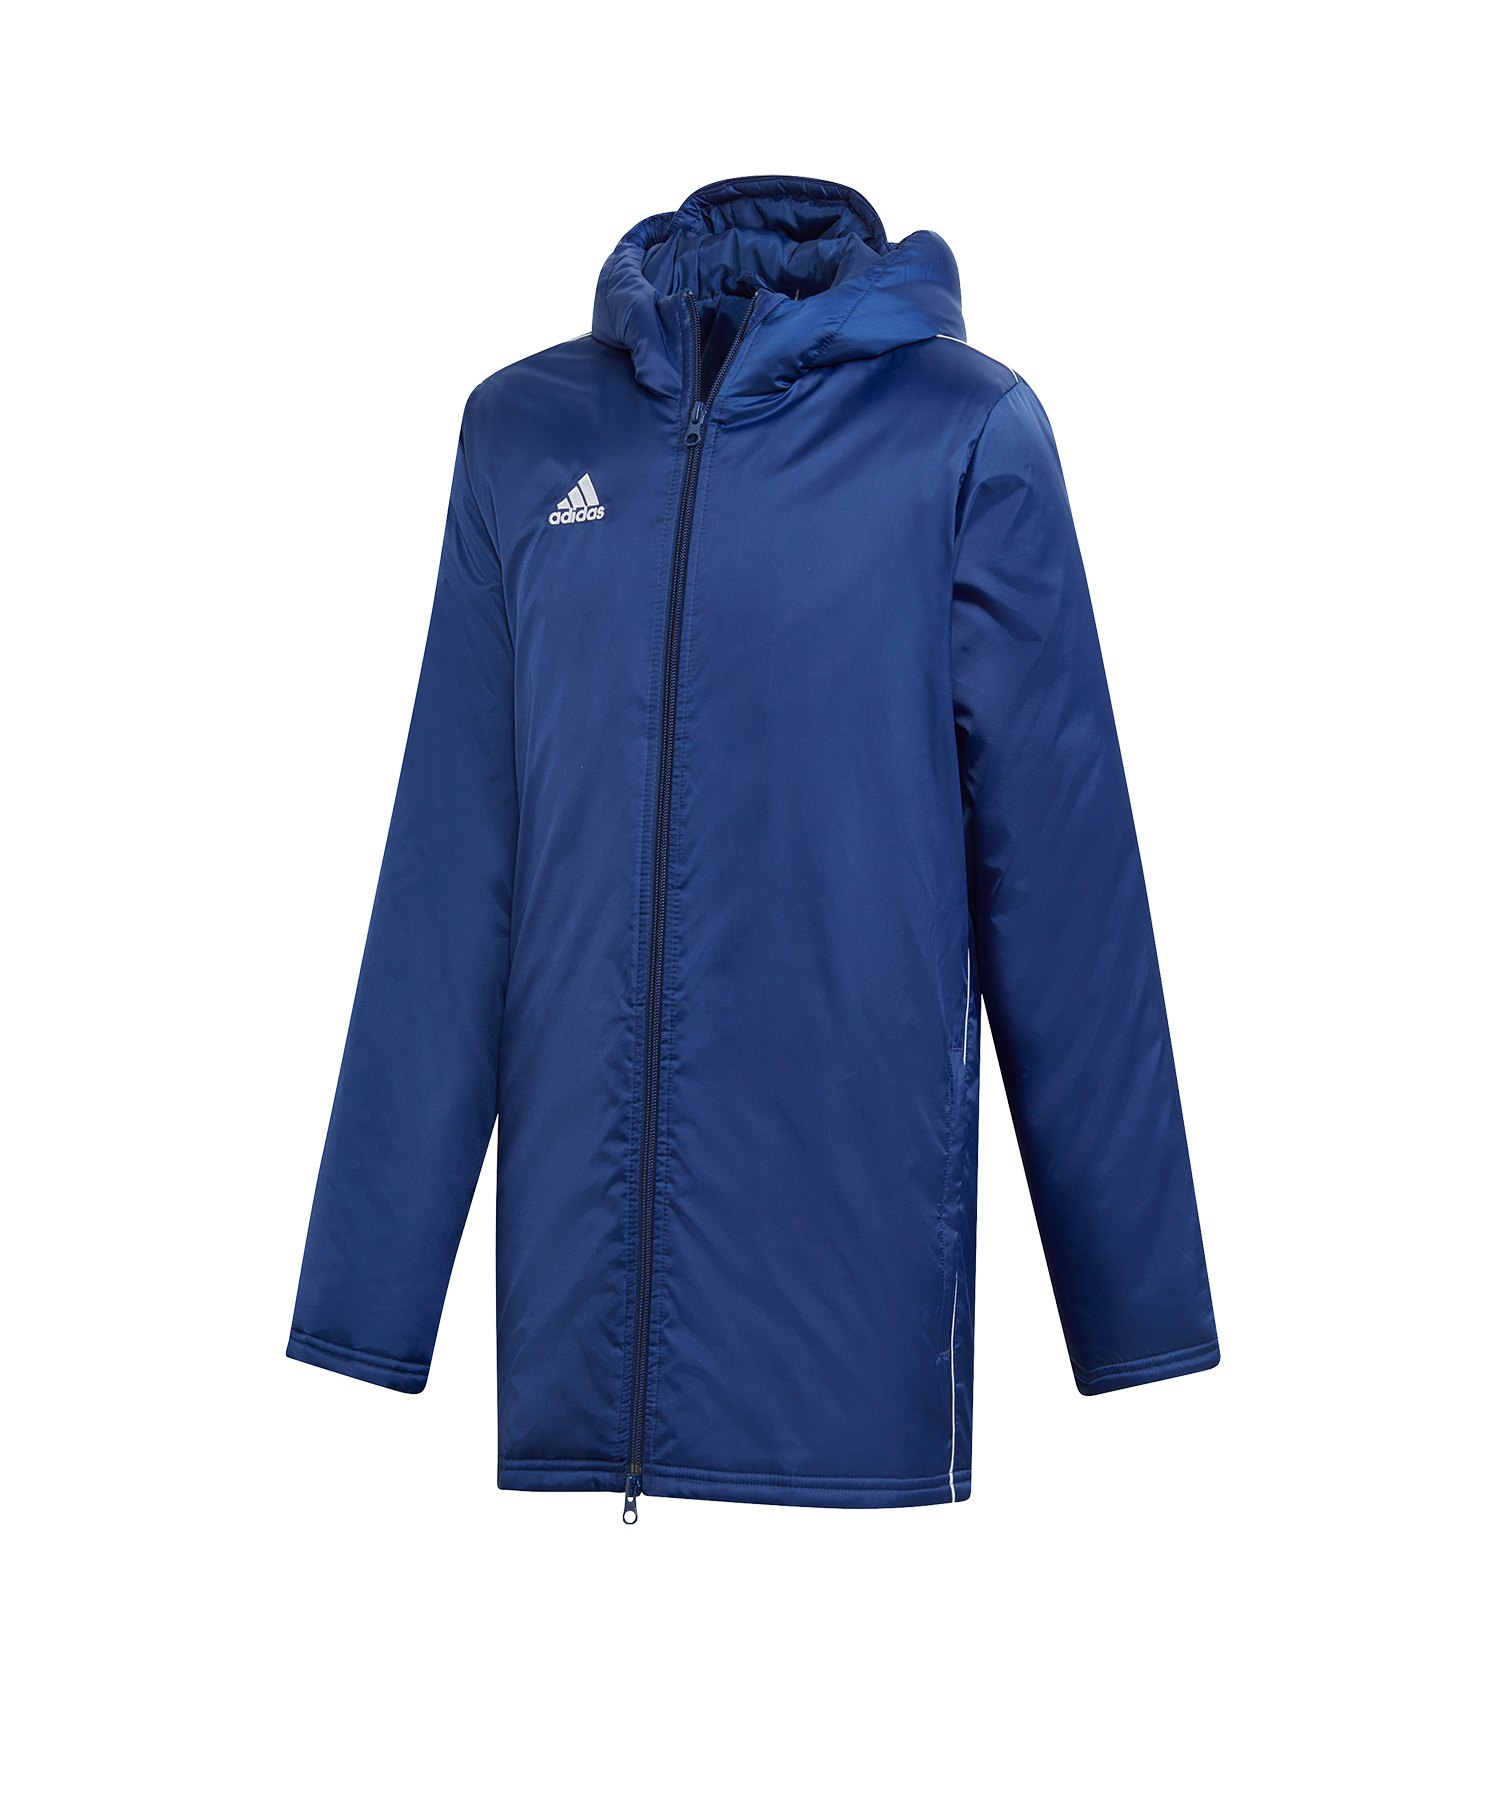 adidas Core 18 Stadium Jacket Jacke Kids Blau - blau